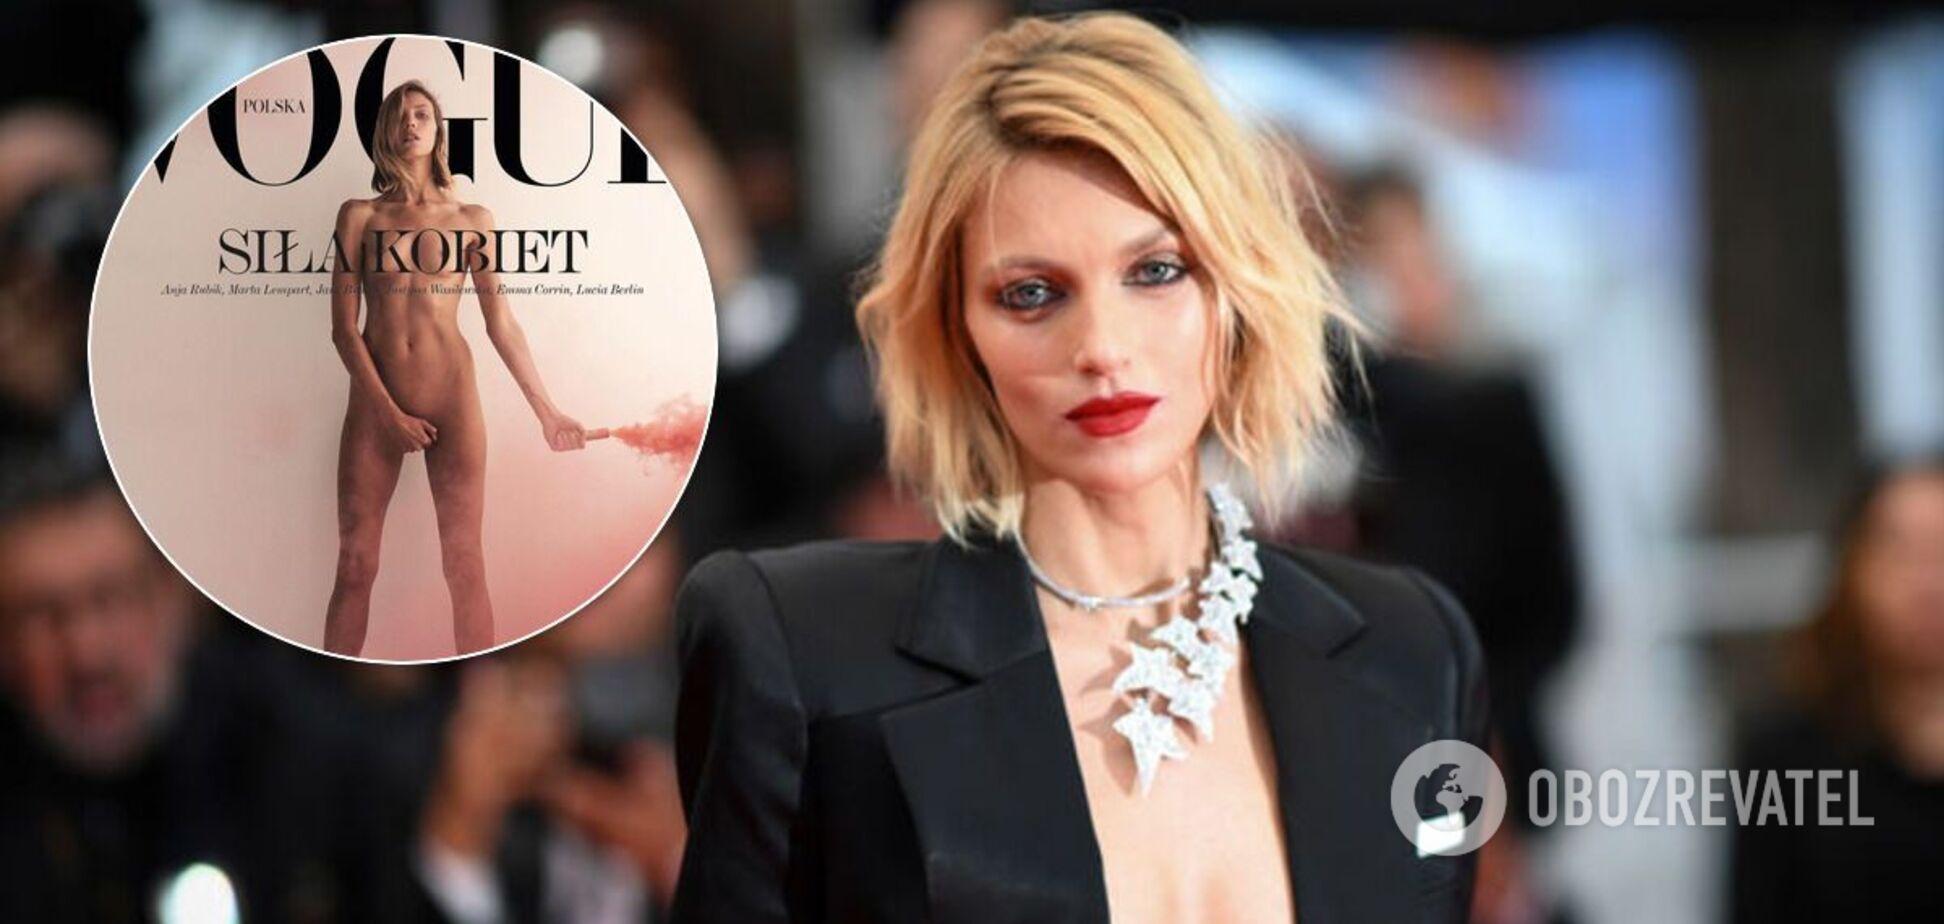 Аня Рубік знялася оголеною для обкладинки польського Vogue